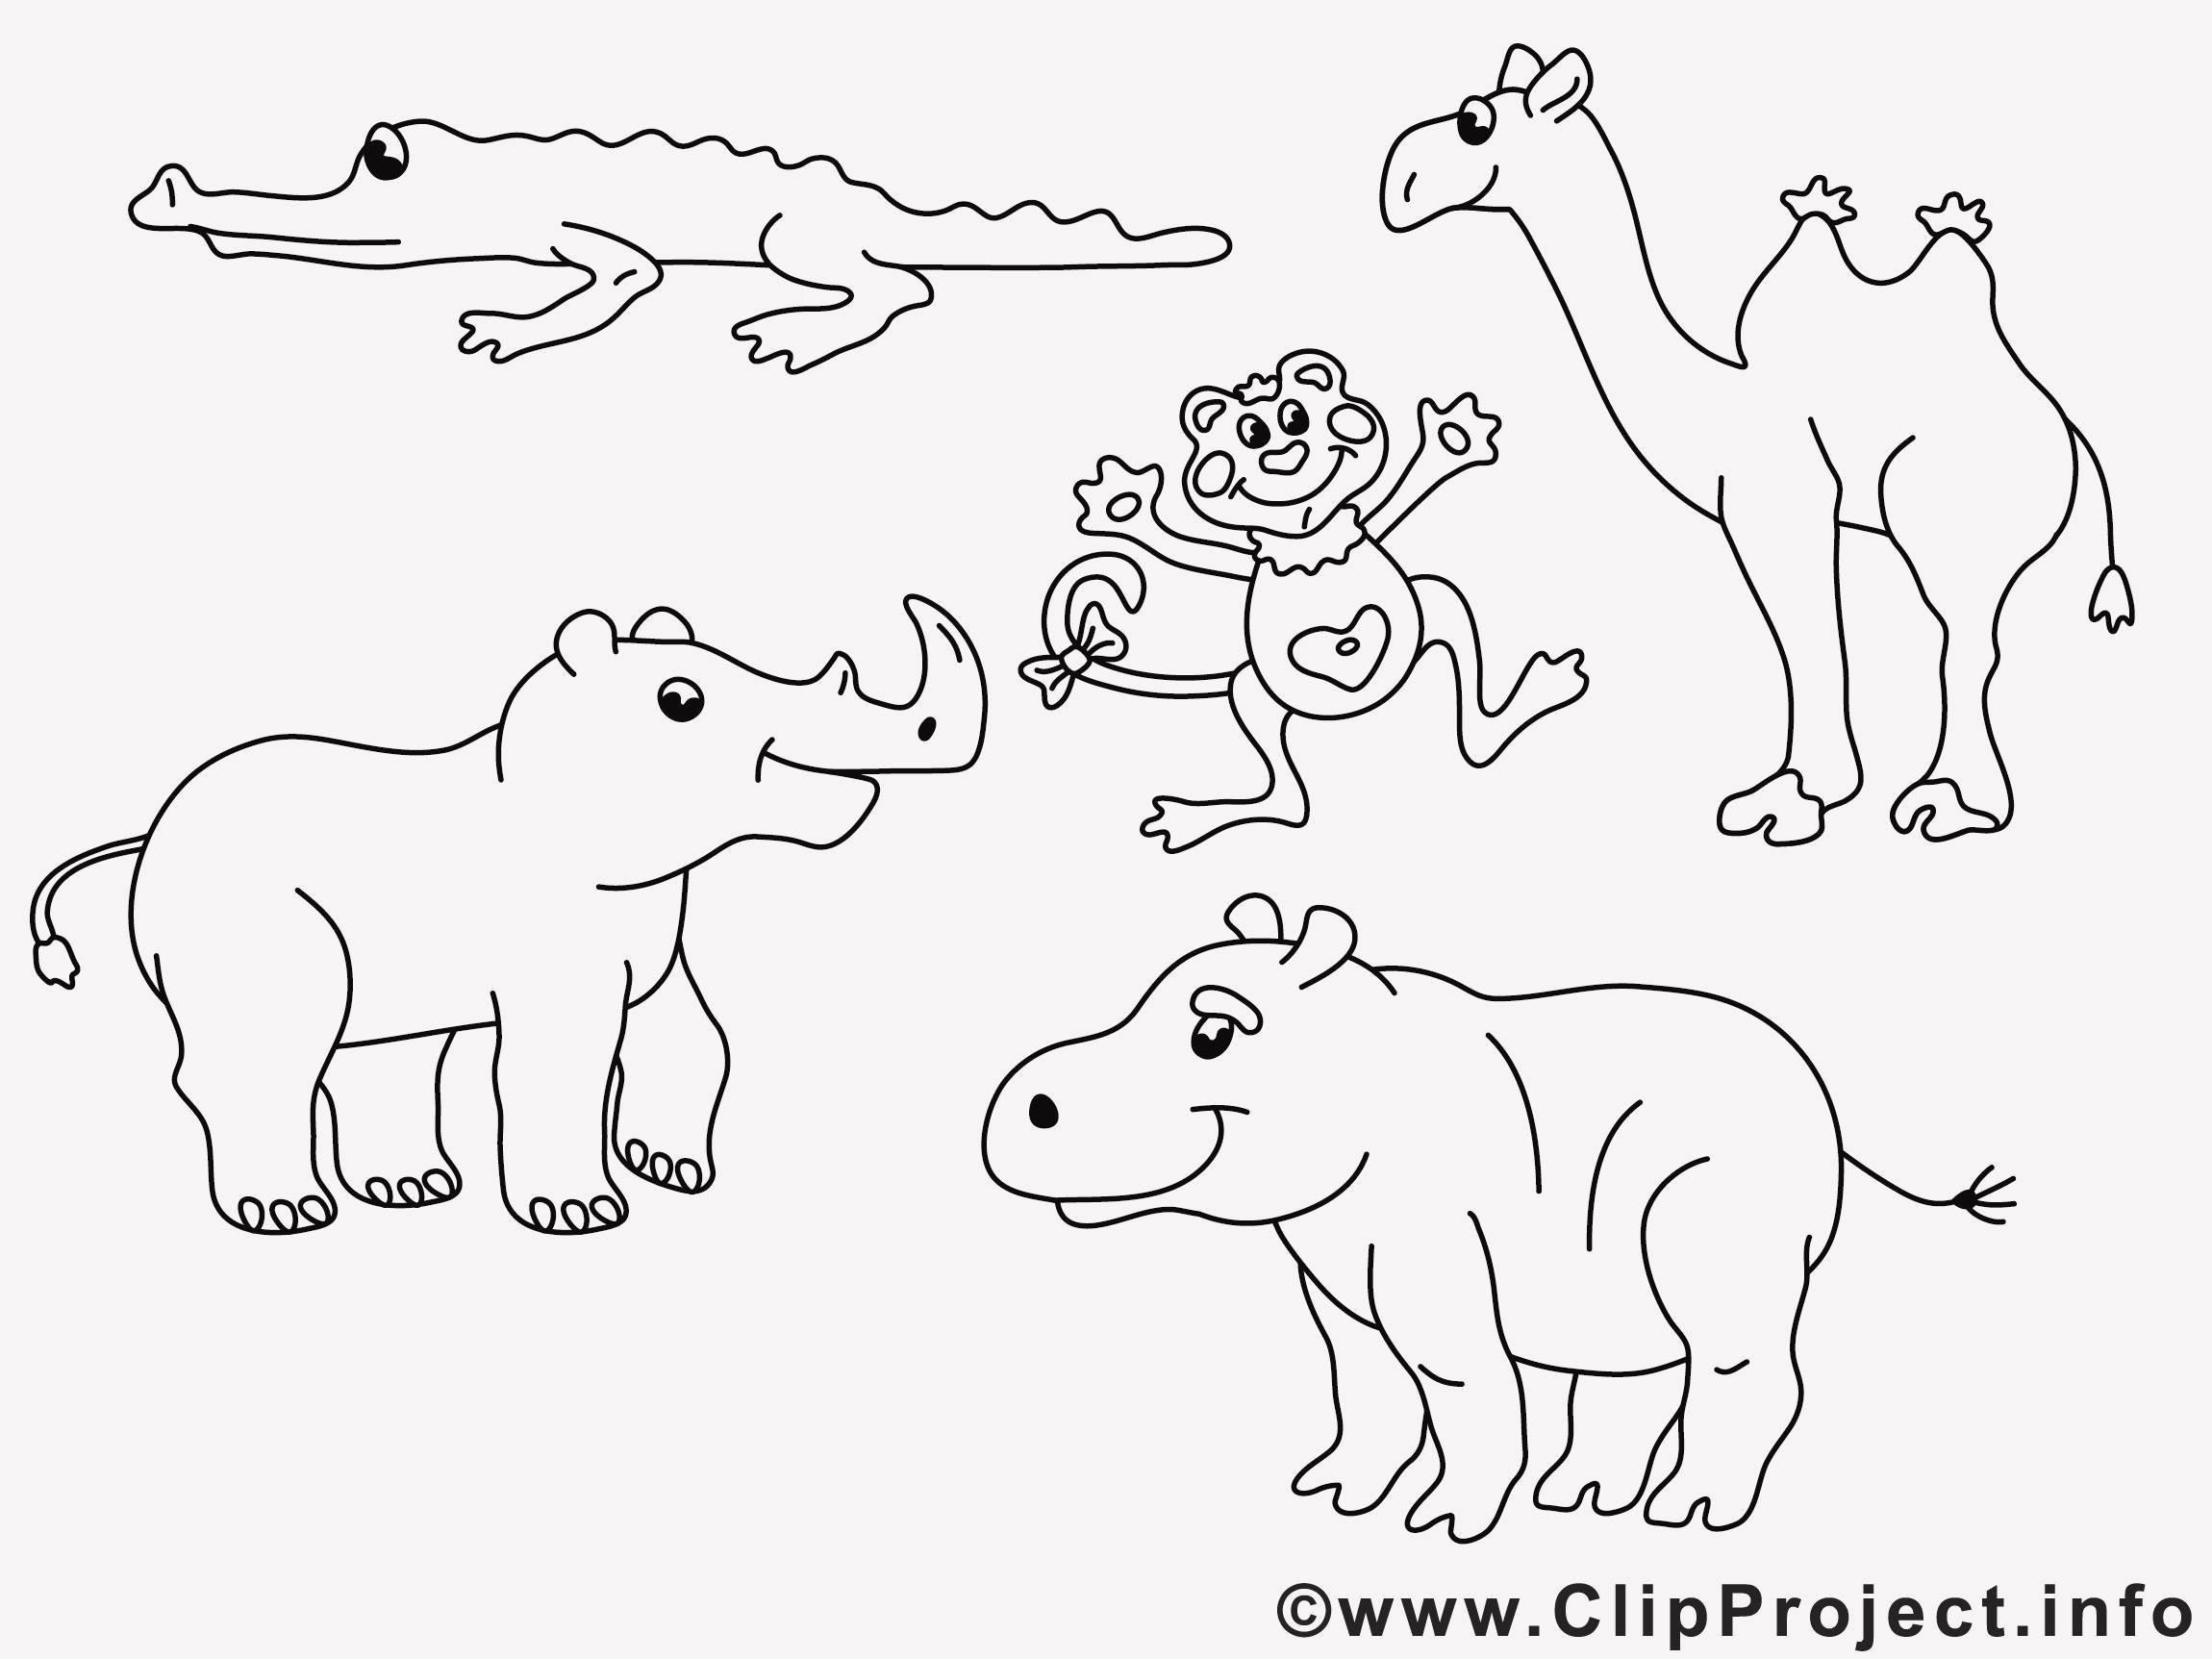 Ausmalbilder Tiere Im Wald Frisch Baustelle Clipart Verführerisch 25 Fantastisch Ausmalbilder Tiere Im Bilder